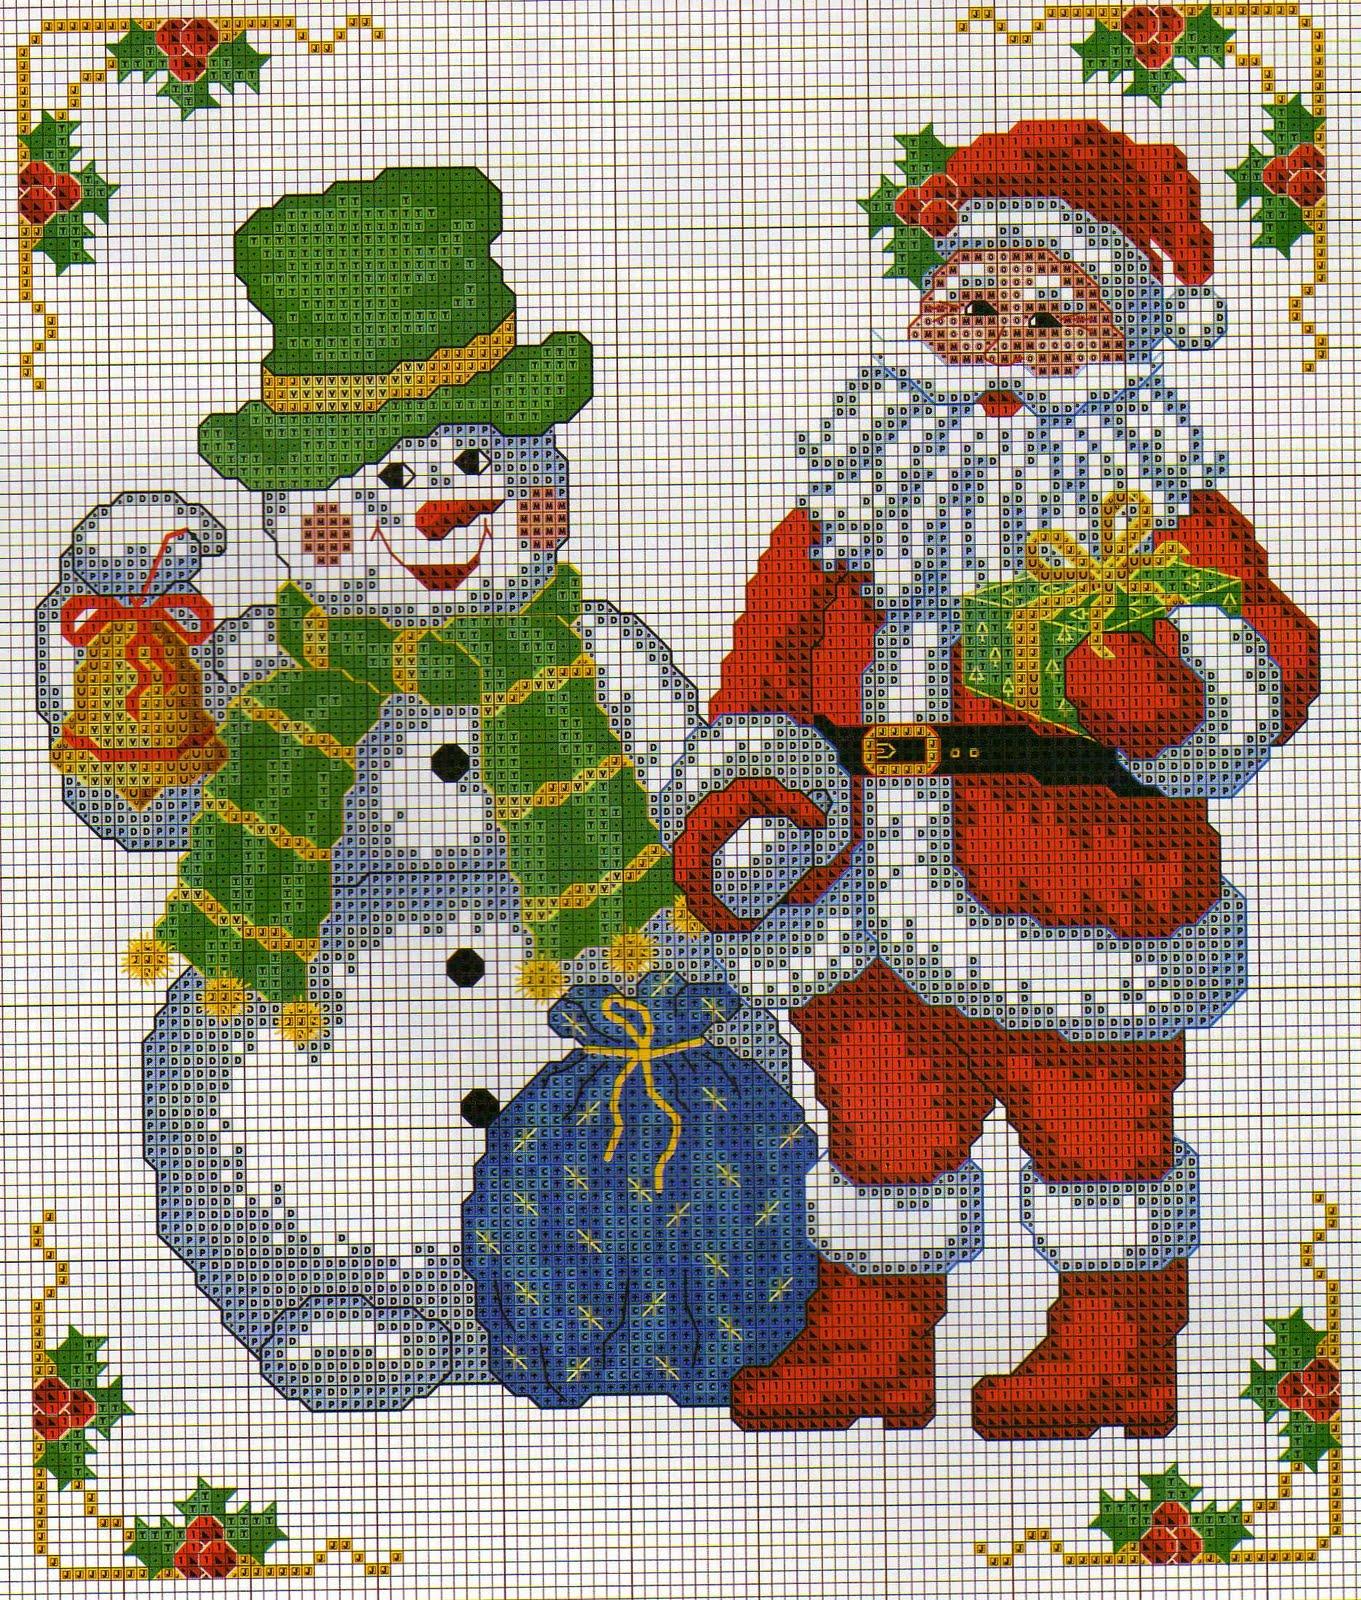 Assez babbo natale con pupazzo di neve punto croce - magiedifilo.it  JI13